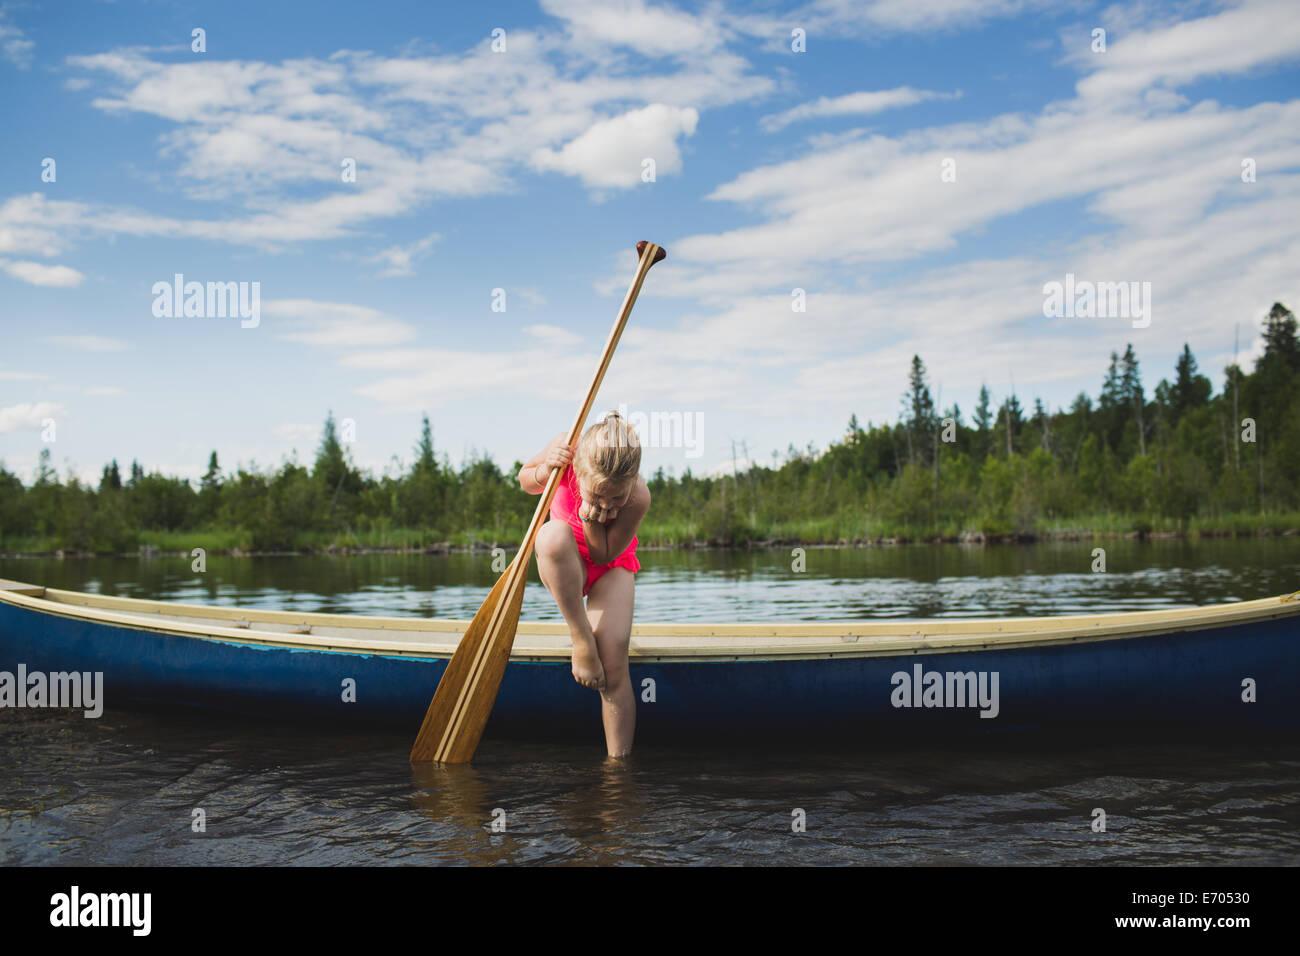 Niña curiosa mirando hacia abajo en el agua en el Indian River, Ontario, Canadá Imagen De Stock